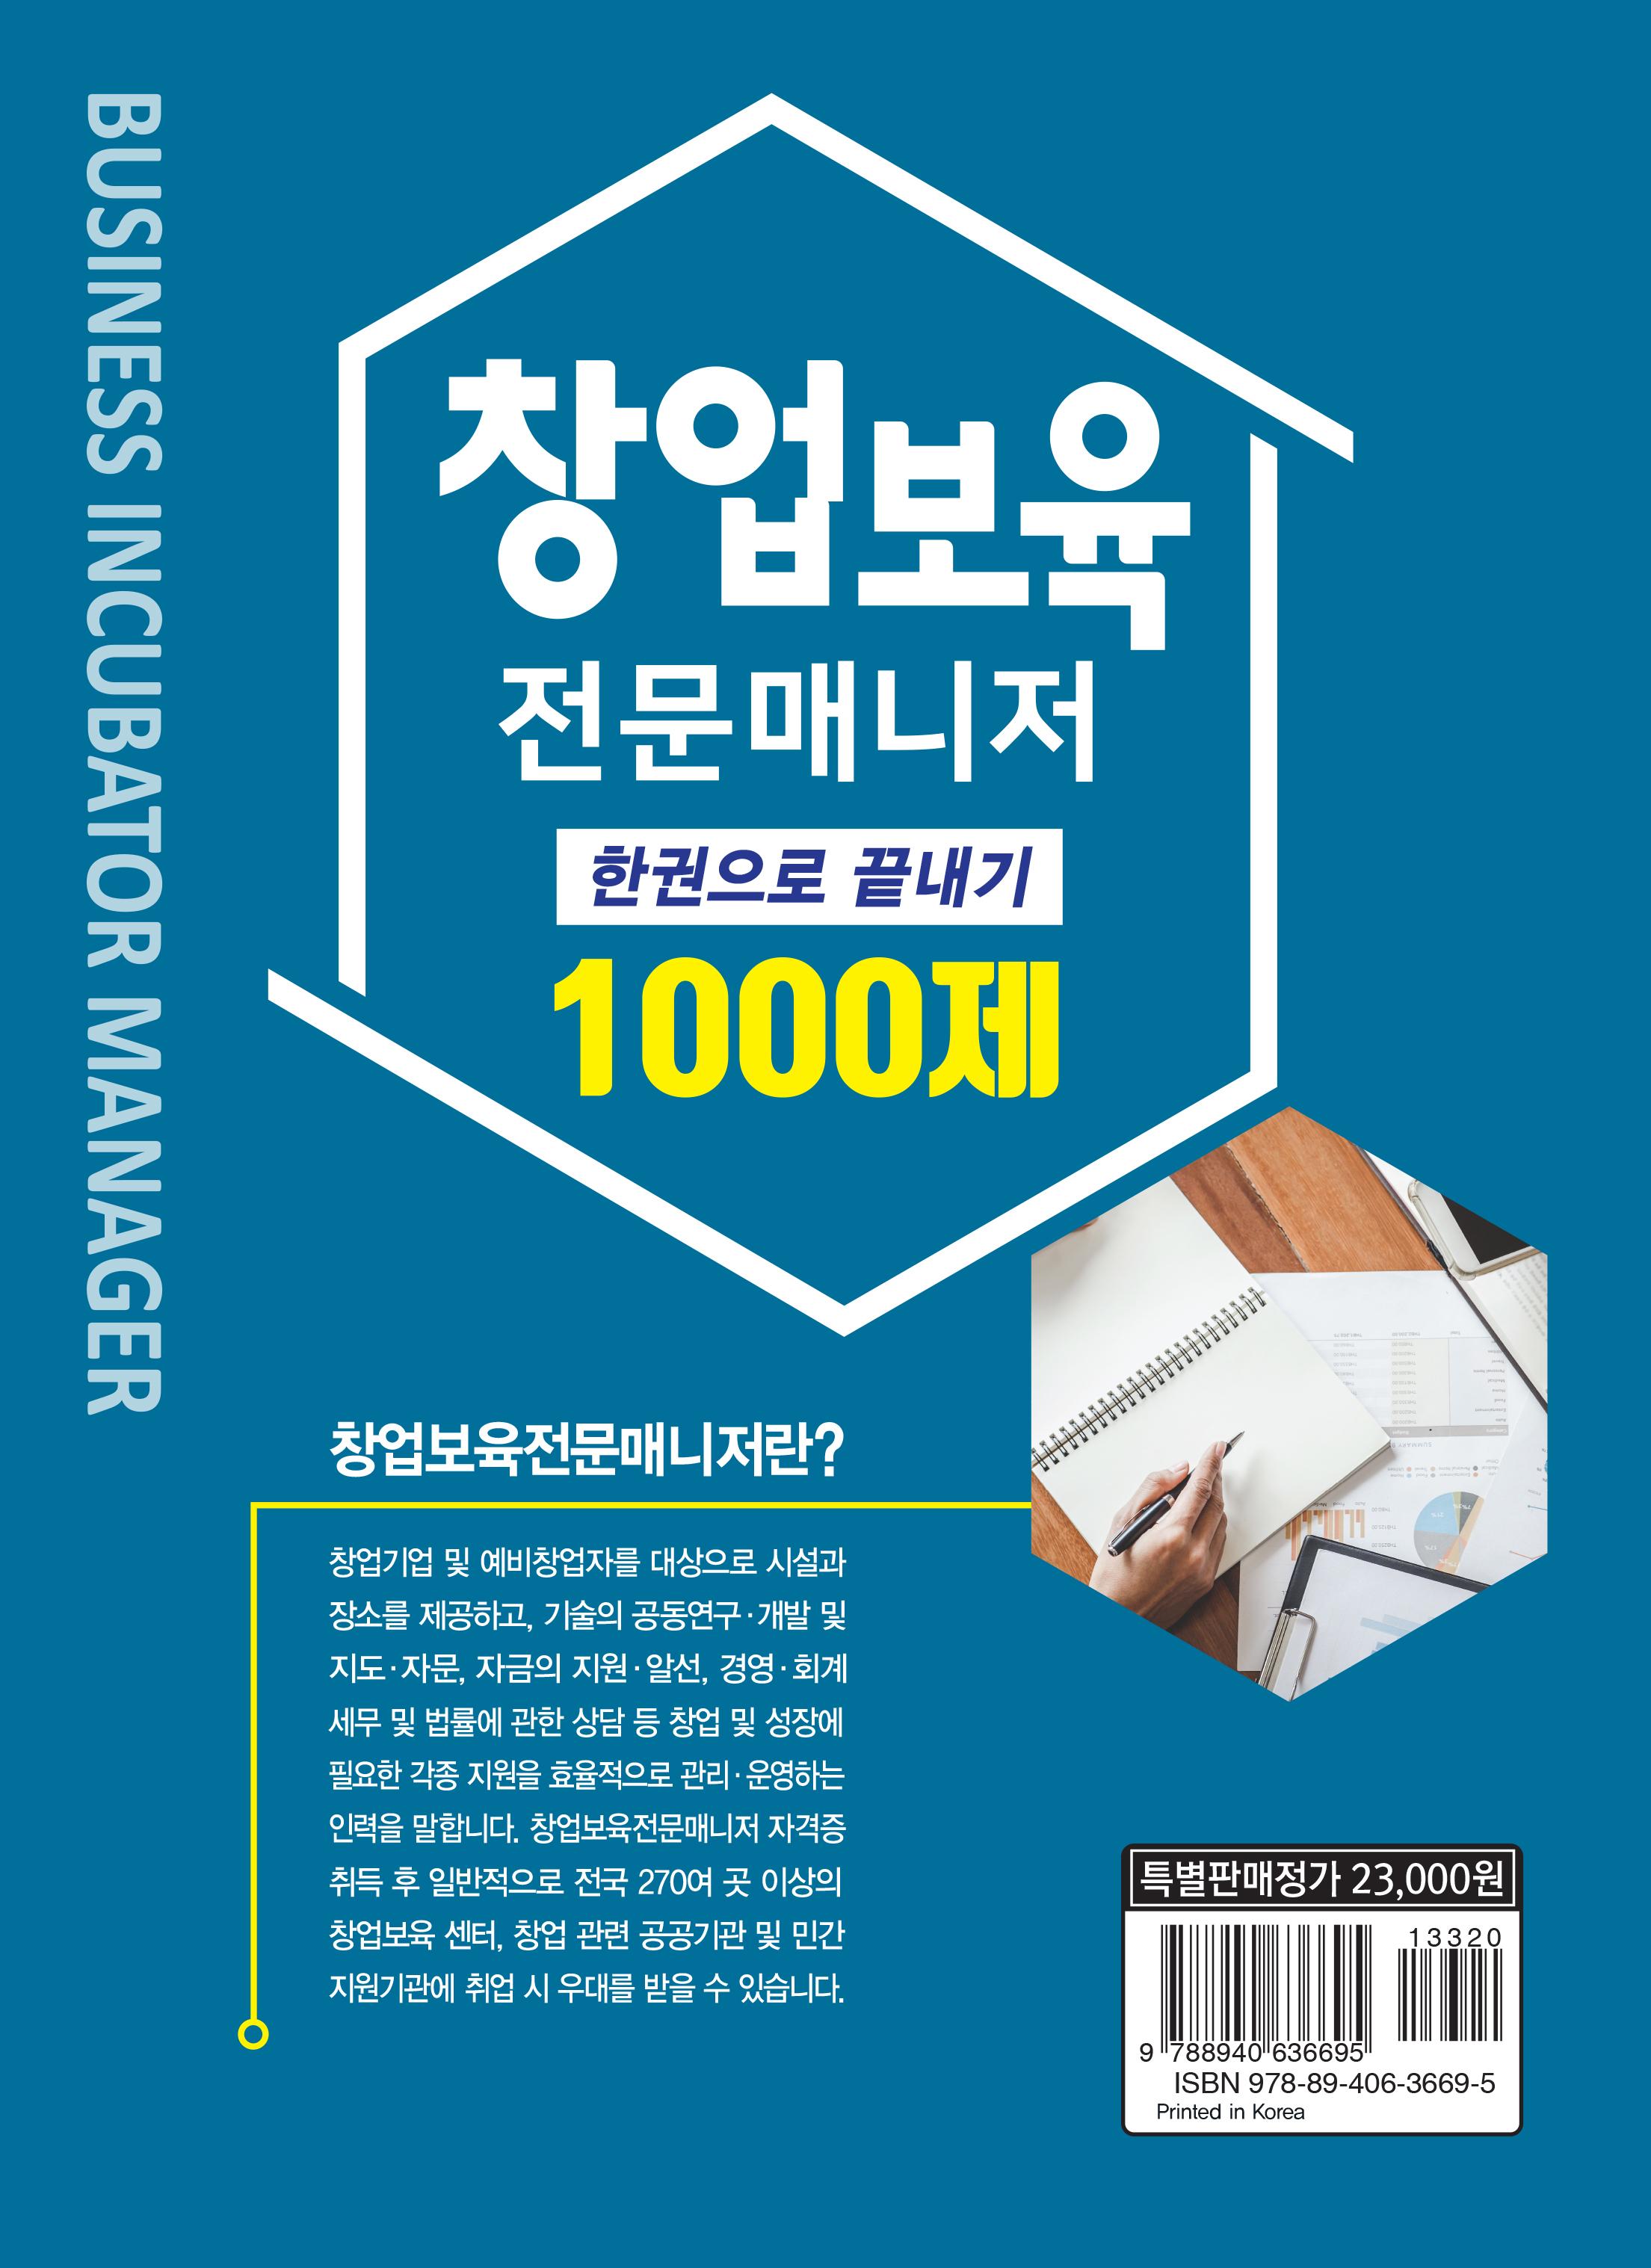 창업보육전문매니저 한권으로 끝내기 1000제 (구판)